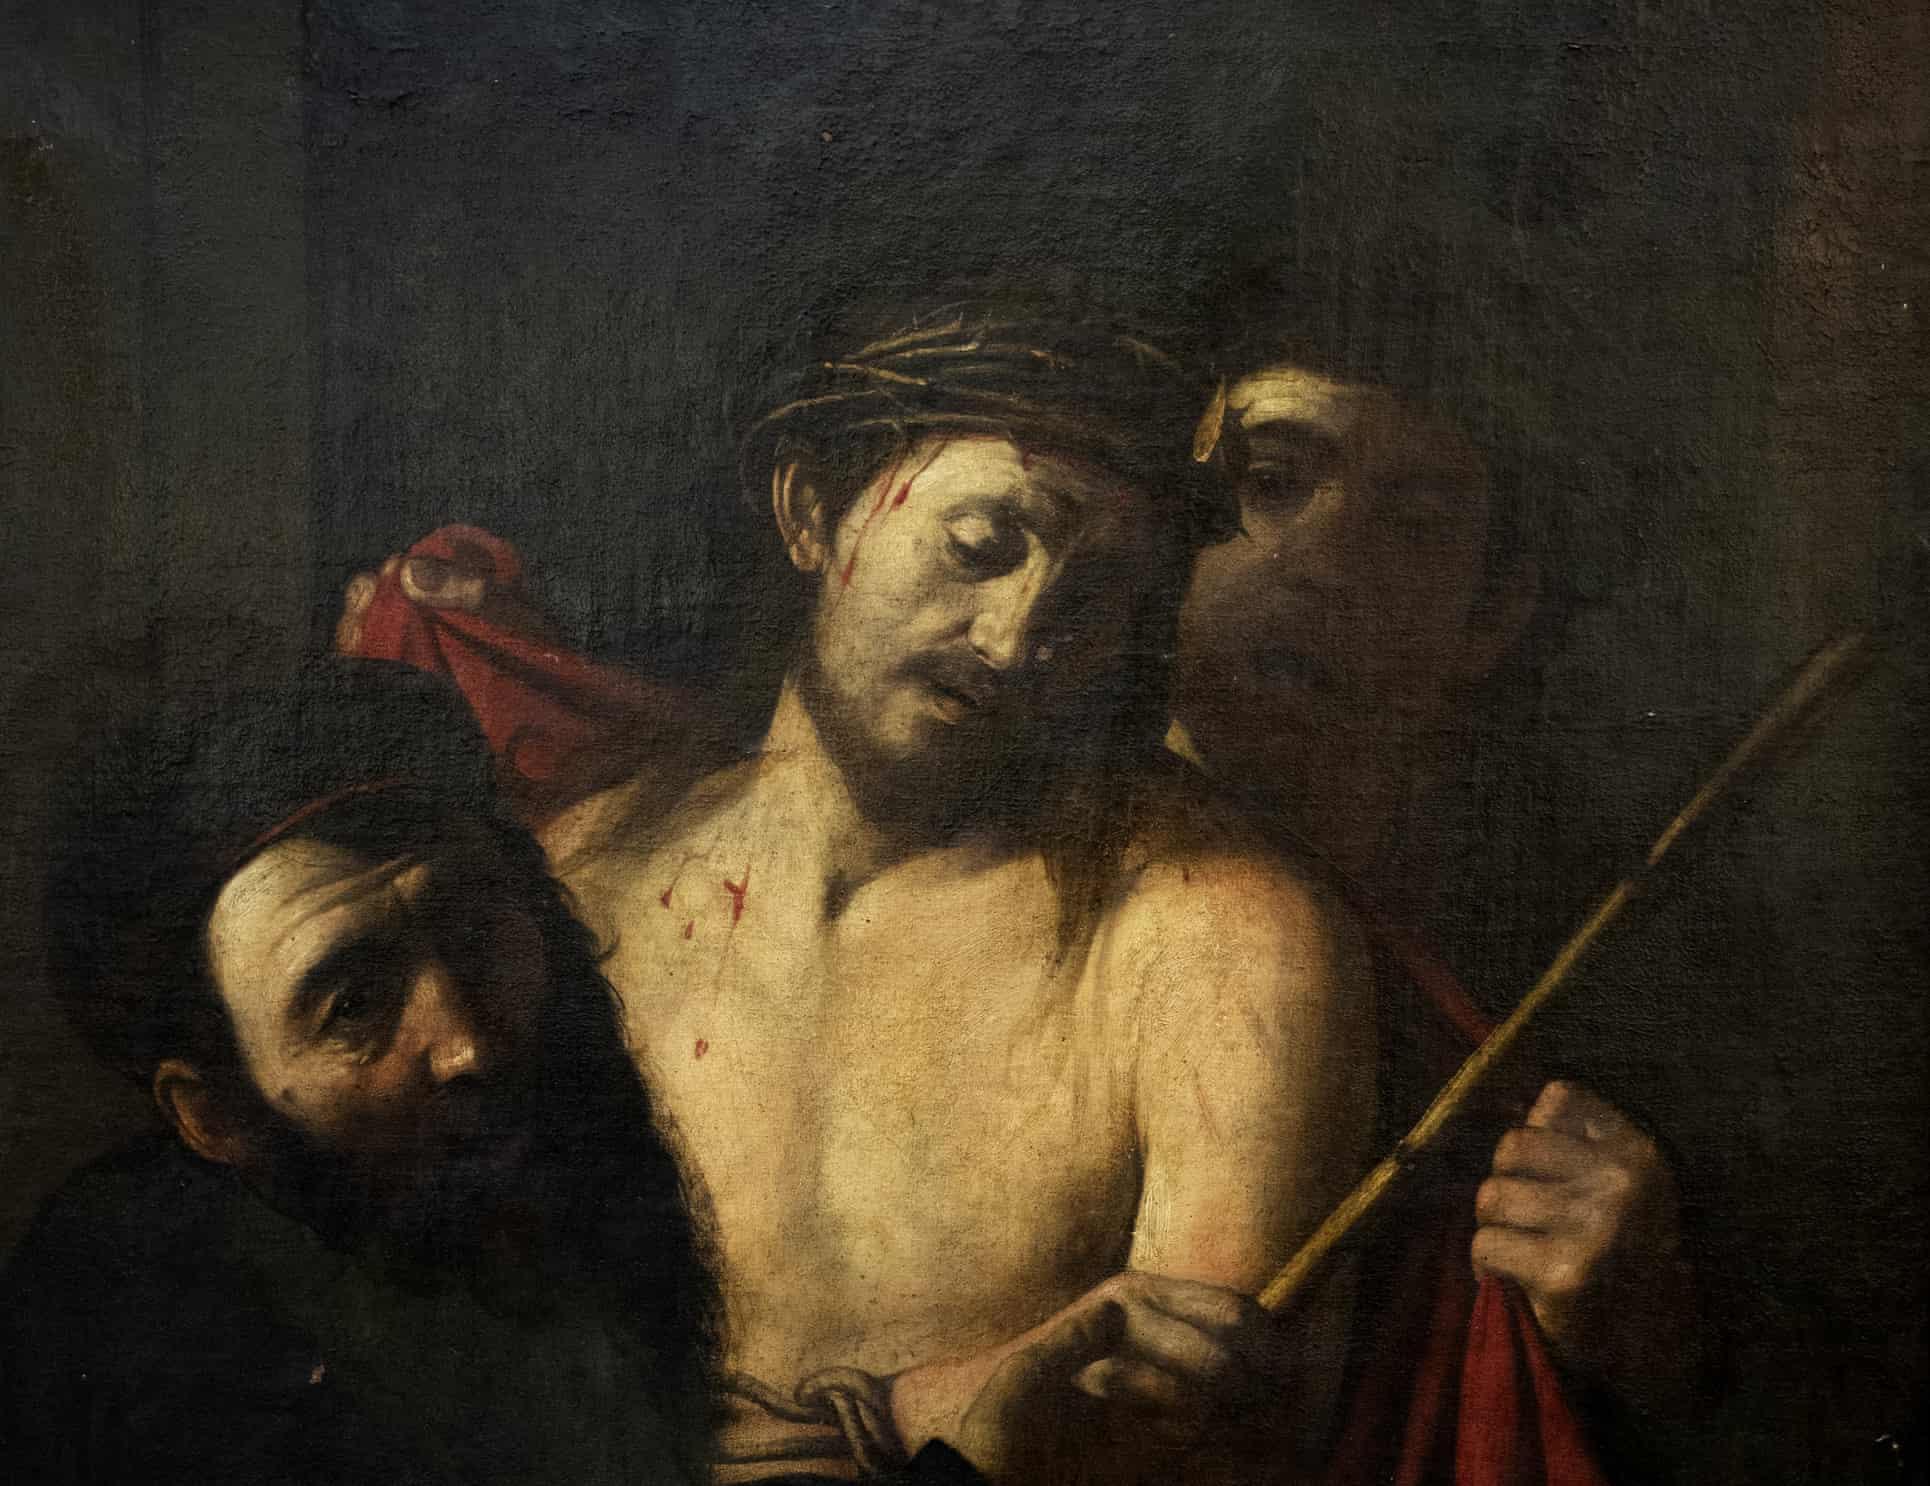 caravaggio krisztus toveskoszoruval festmeny madrid